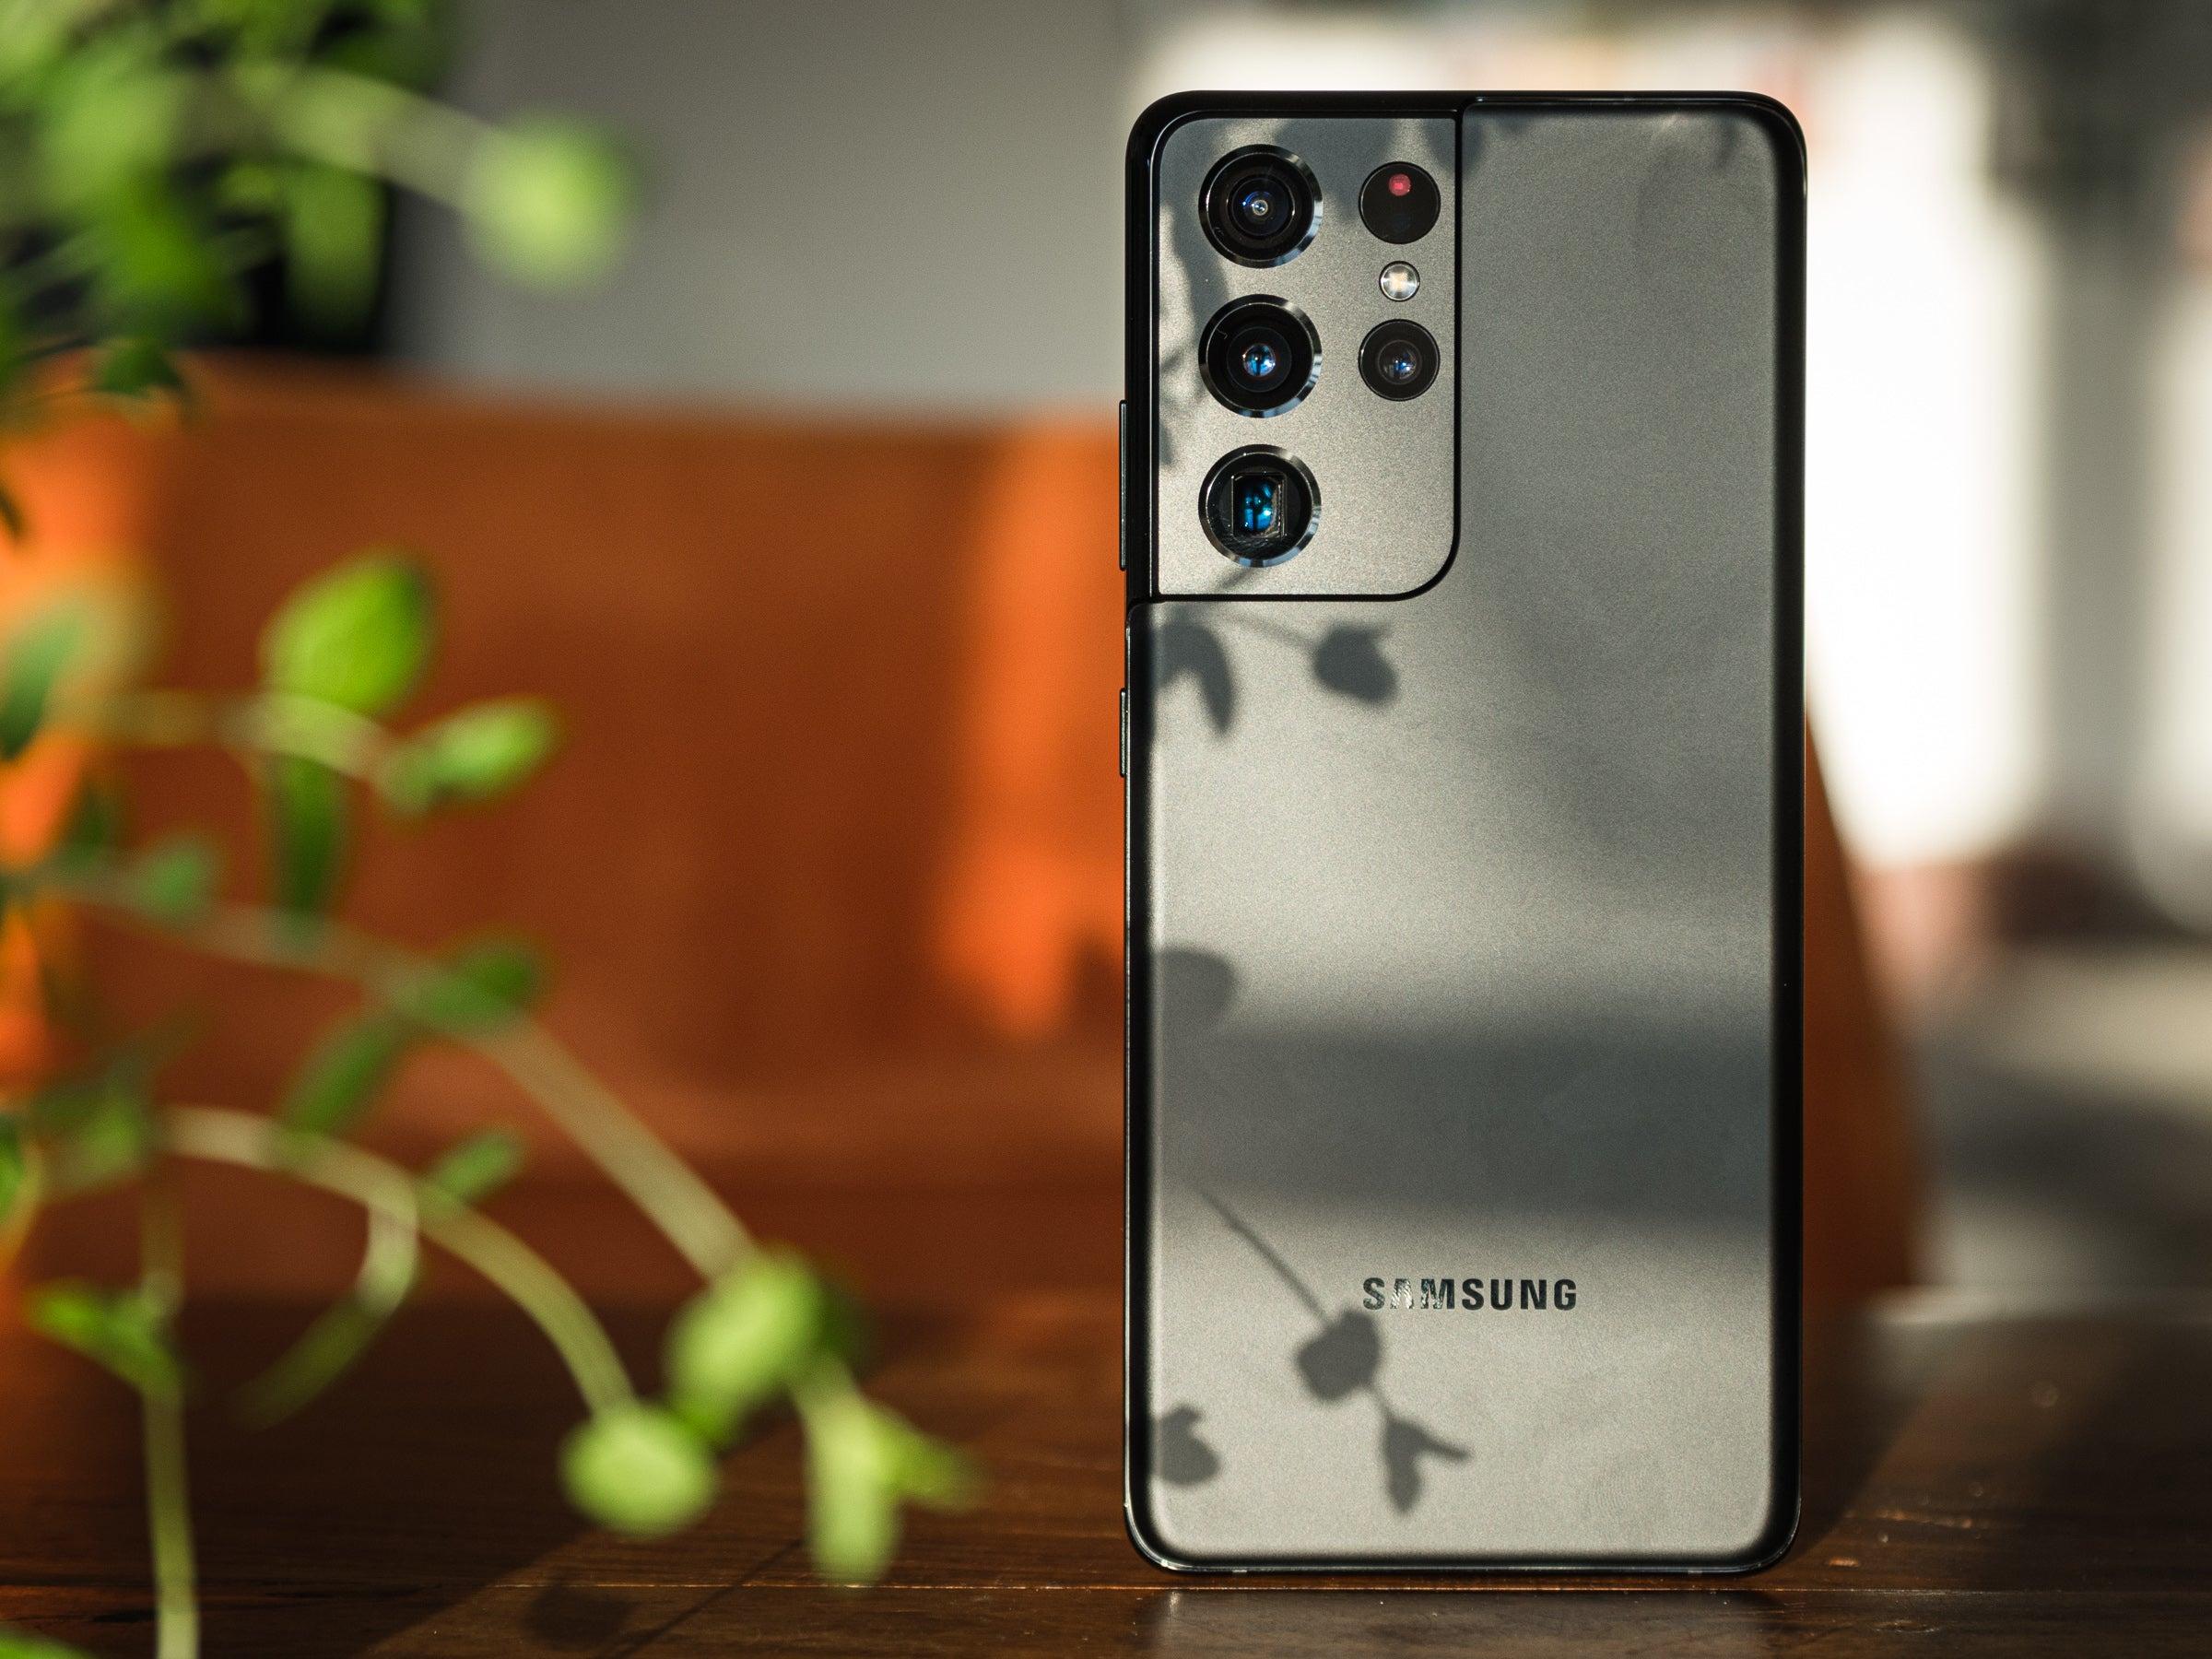 Smartphone mit guter Kamera für 1.000 Euro? So viel musst du wirklich ausgeben - inside digital